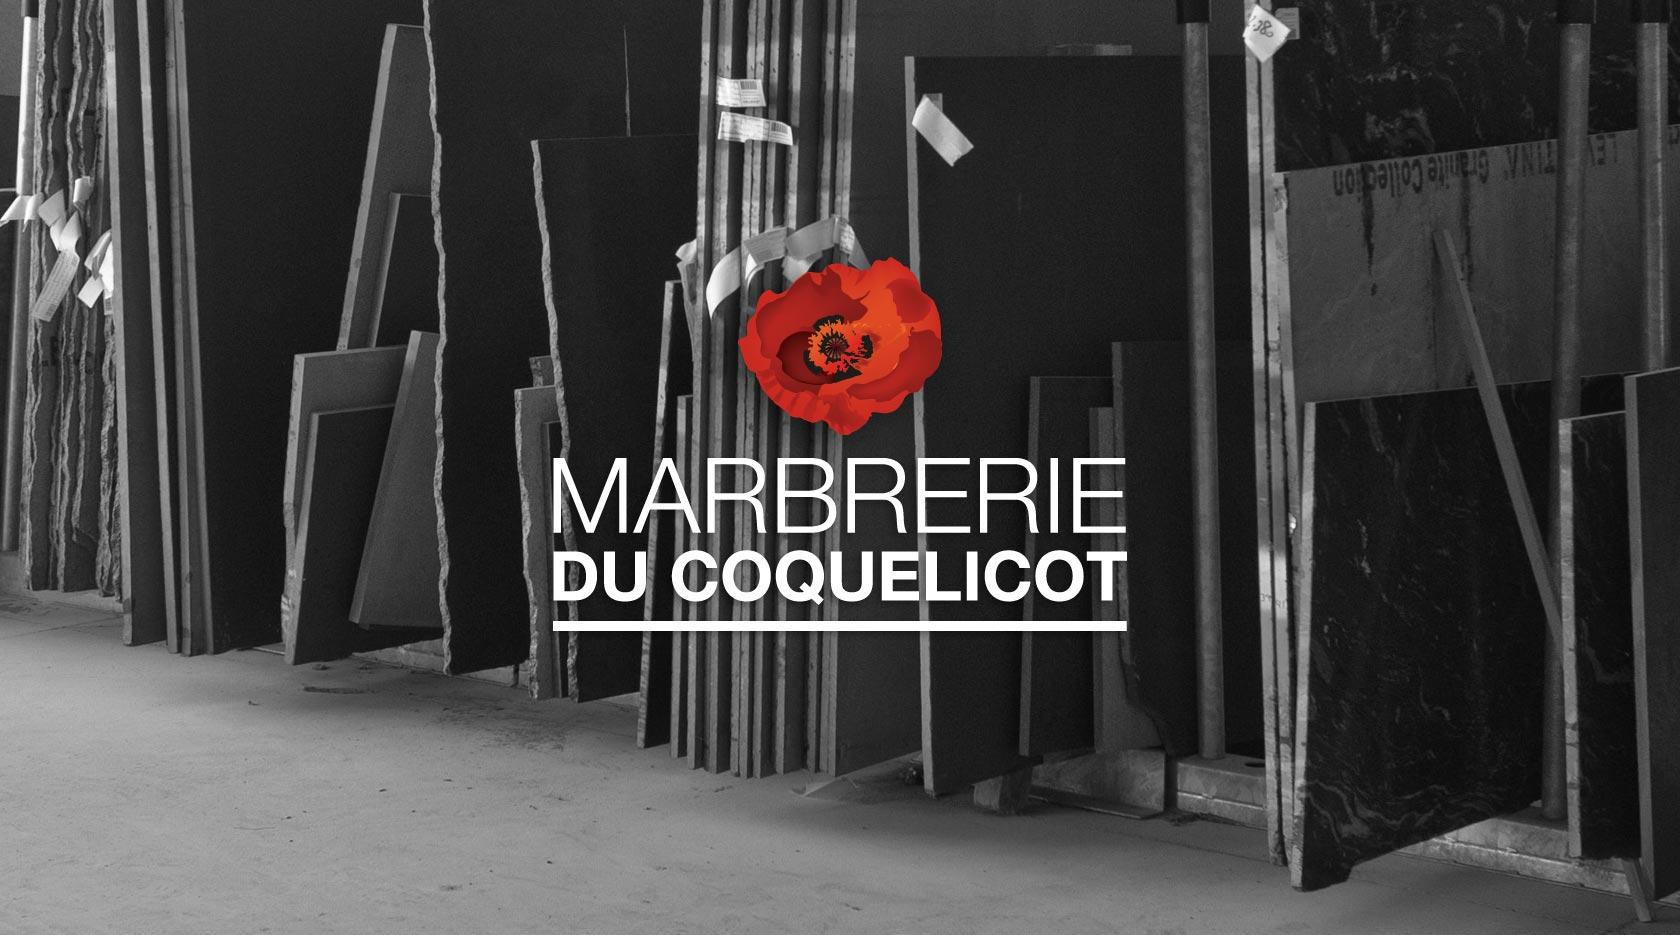 accueil_marbrerie03